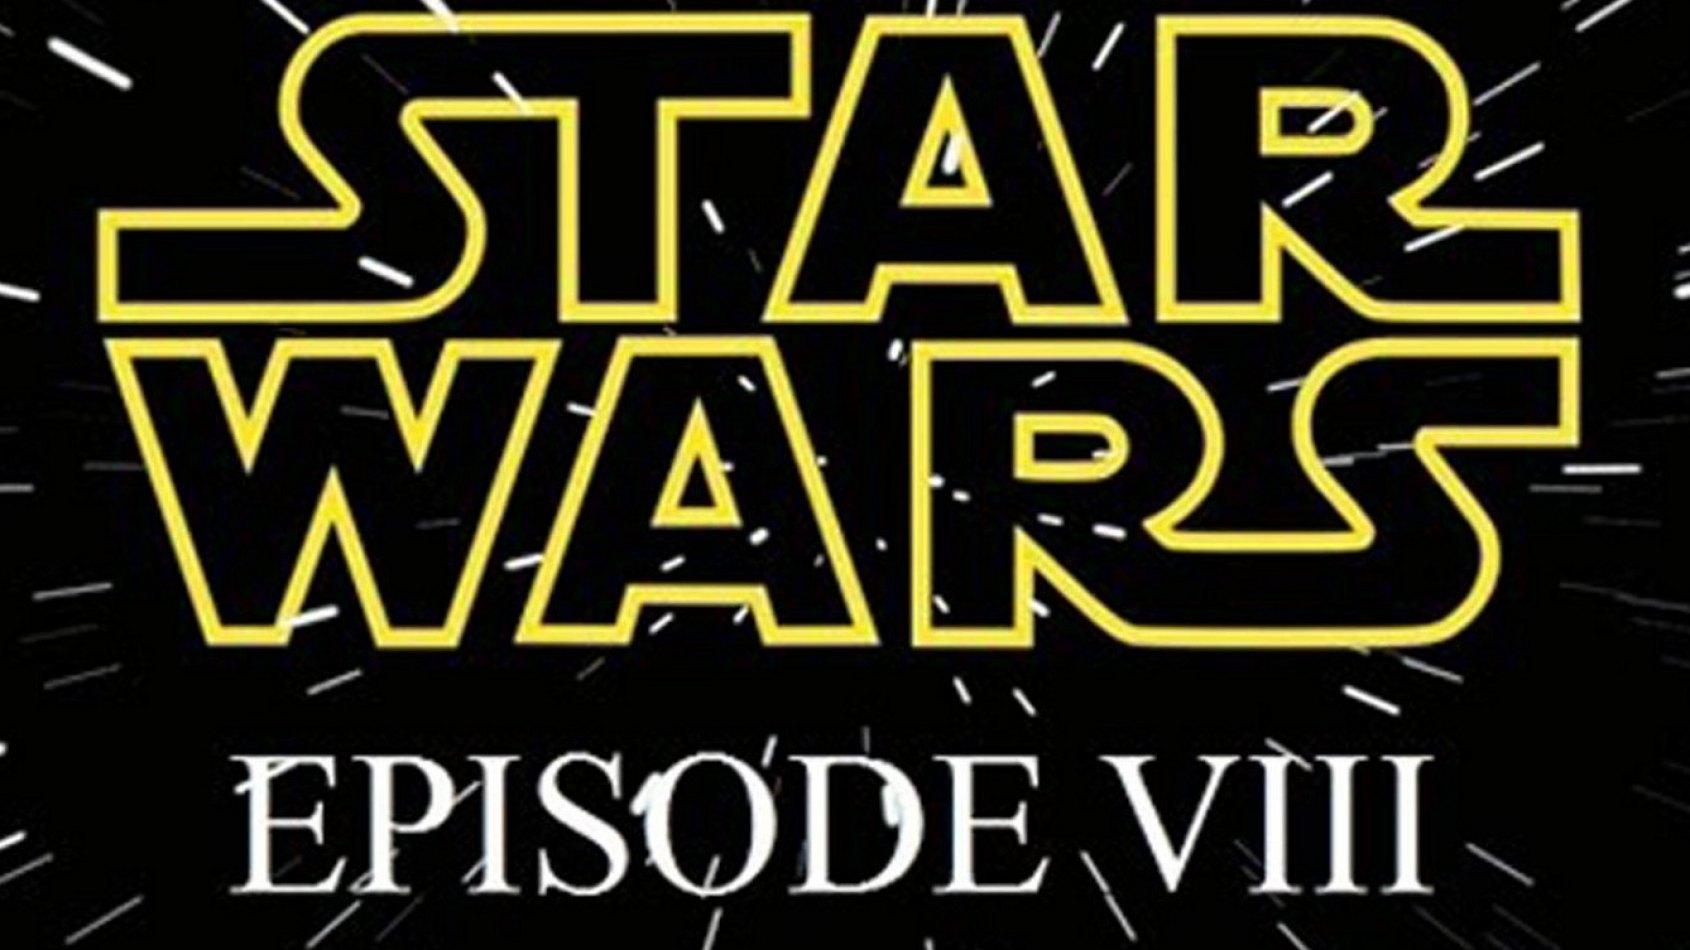 Le script d'Episode VIII aurait été modifié